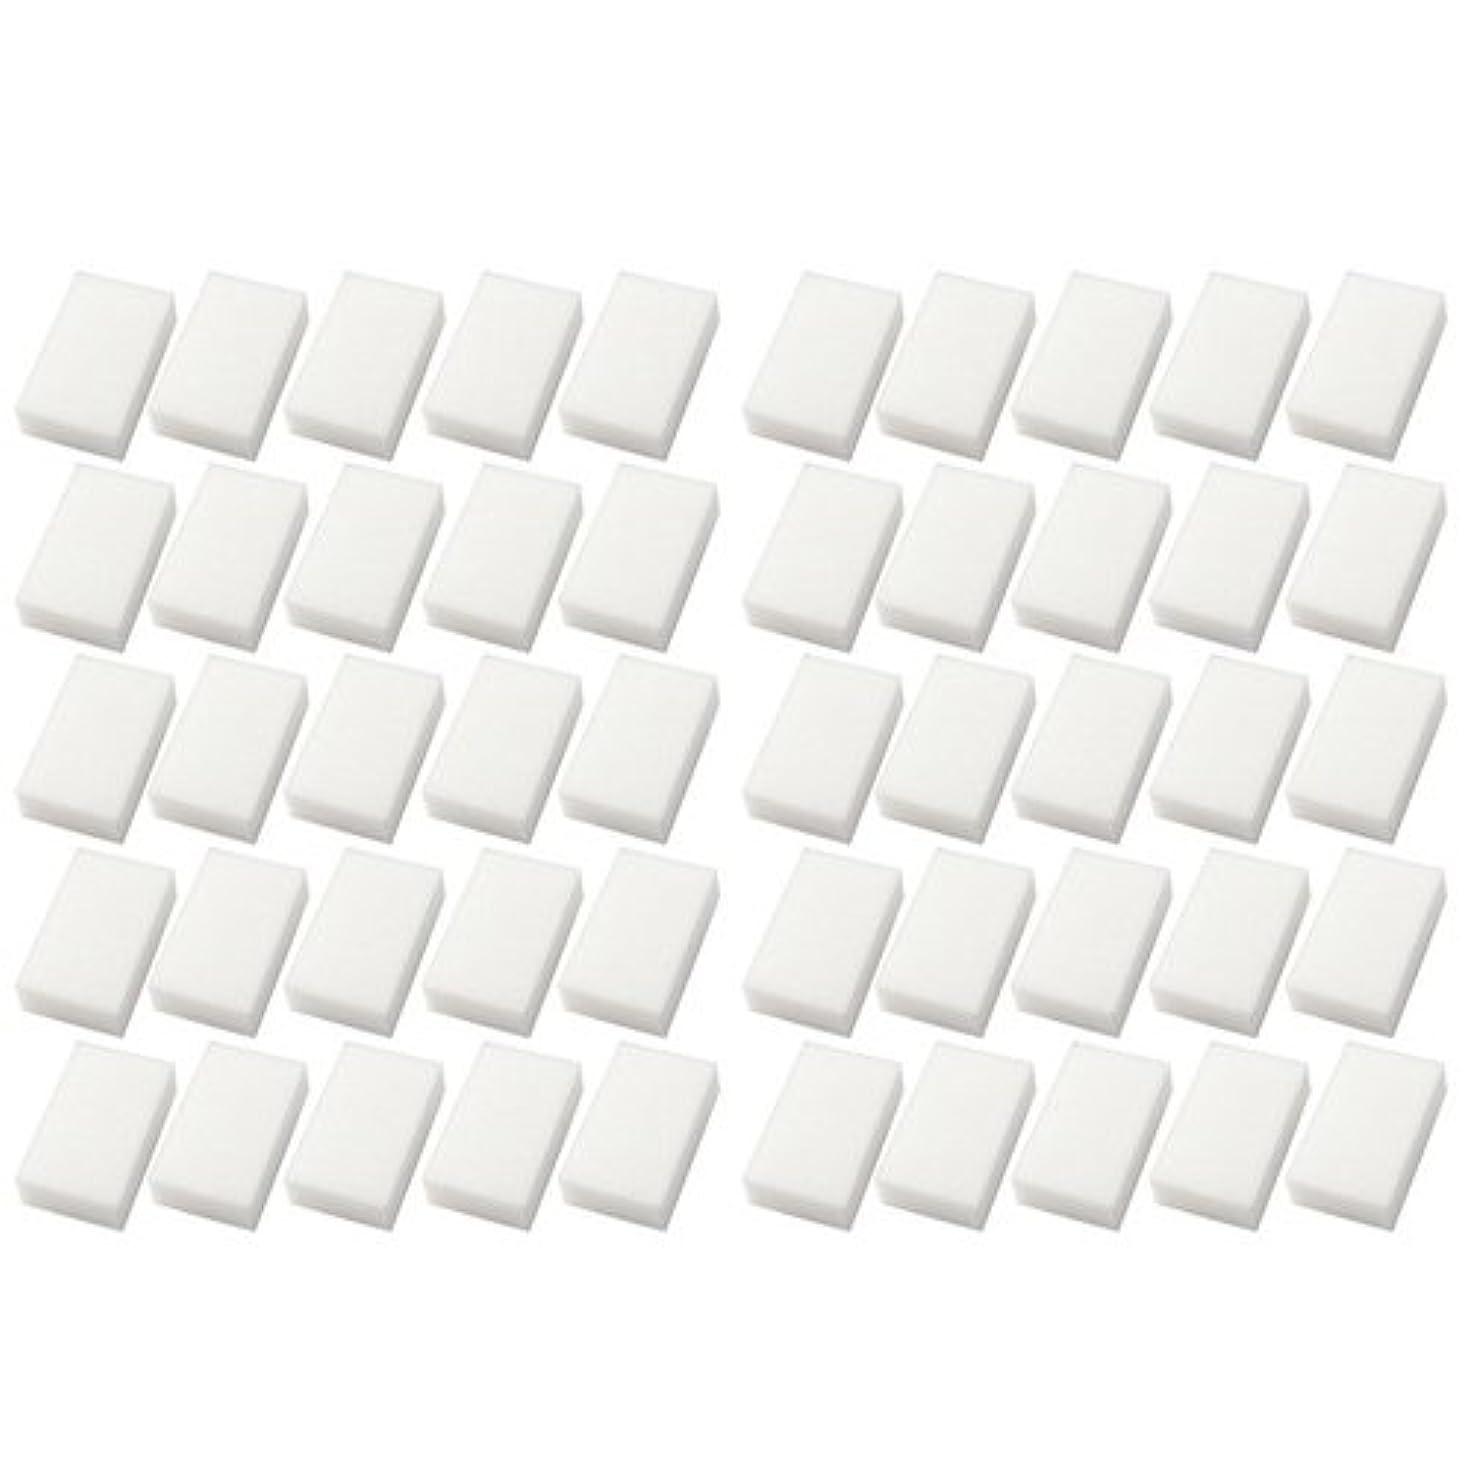 噛む反対する倍率ホテルアメニティ 業務用 使い捨てスポンジ 圧縮ボディスポンジ 個包装タイプ 厚み 約25mm ×50個